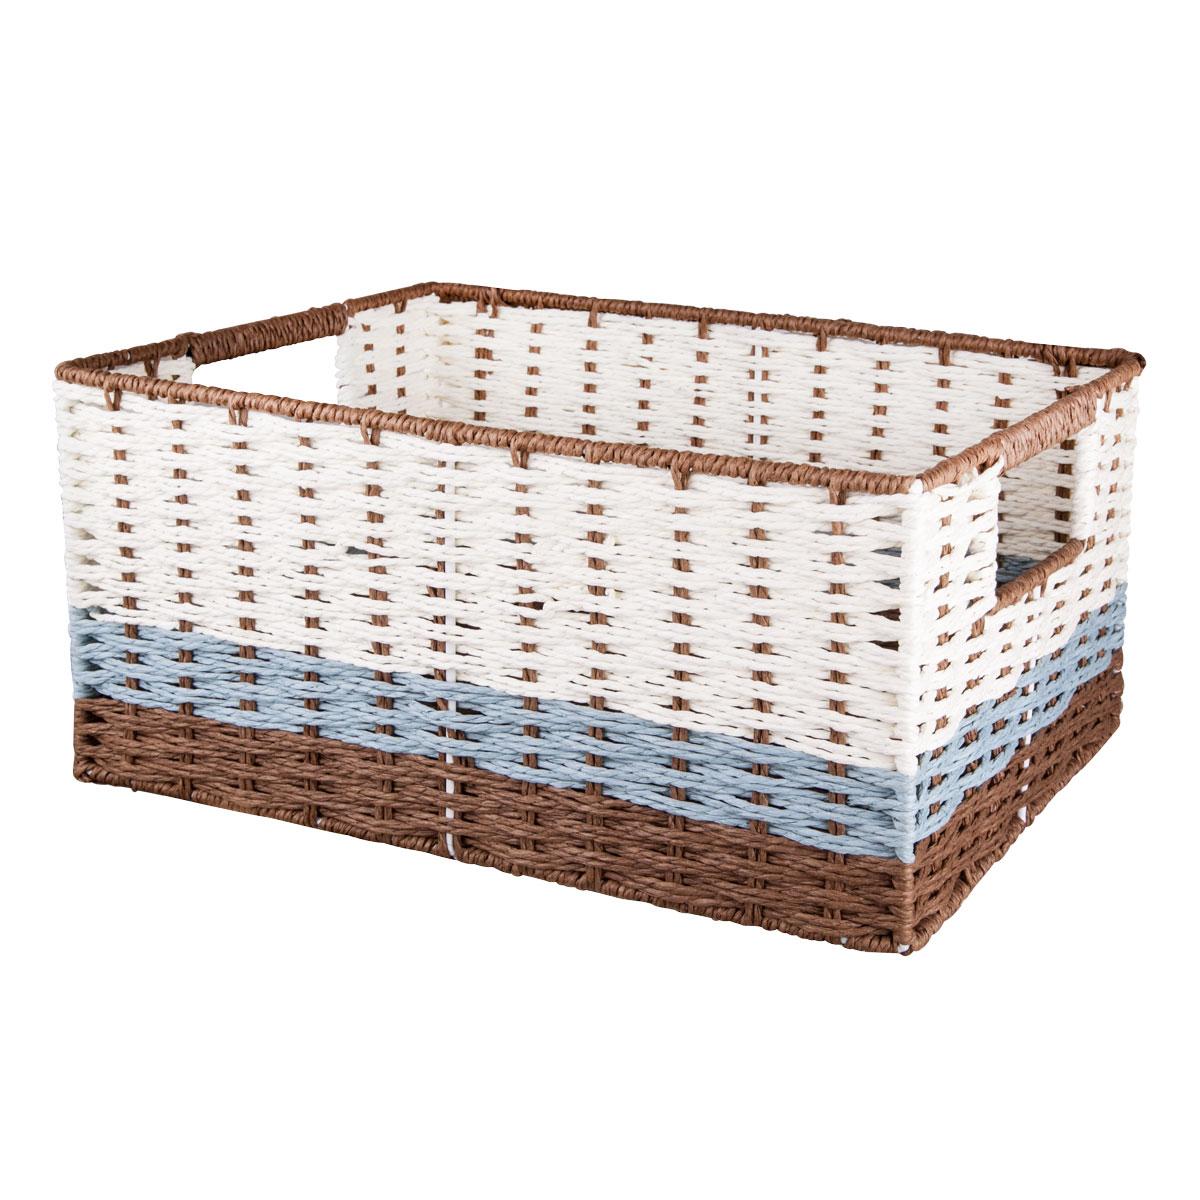 Корзина для хранения Miolla, с ручками, 38 х 28 х 18 смBSK6-MВместительная плетеная корзина для хранения Miolla - отличное решение для хранения. Корзина имеет жесткую конструкцию, снабжена удобными ручками. Подходит для хранения бытовых вещей, аксессуаров для рукоделия и других вещей дома и на даче. Экономьте полезное пространство своего дома, уберите ненужные вещи в удобную корзину и используйте ее для хранения дорогих сердцу вещей, которые нужно сберечь в целости и сохранности.